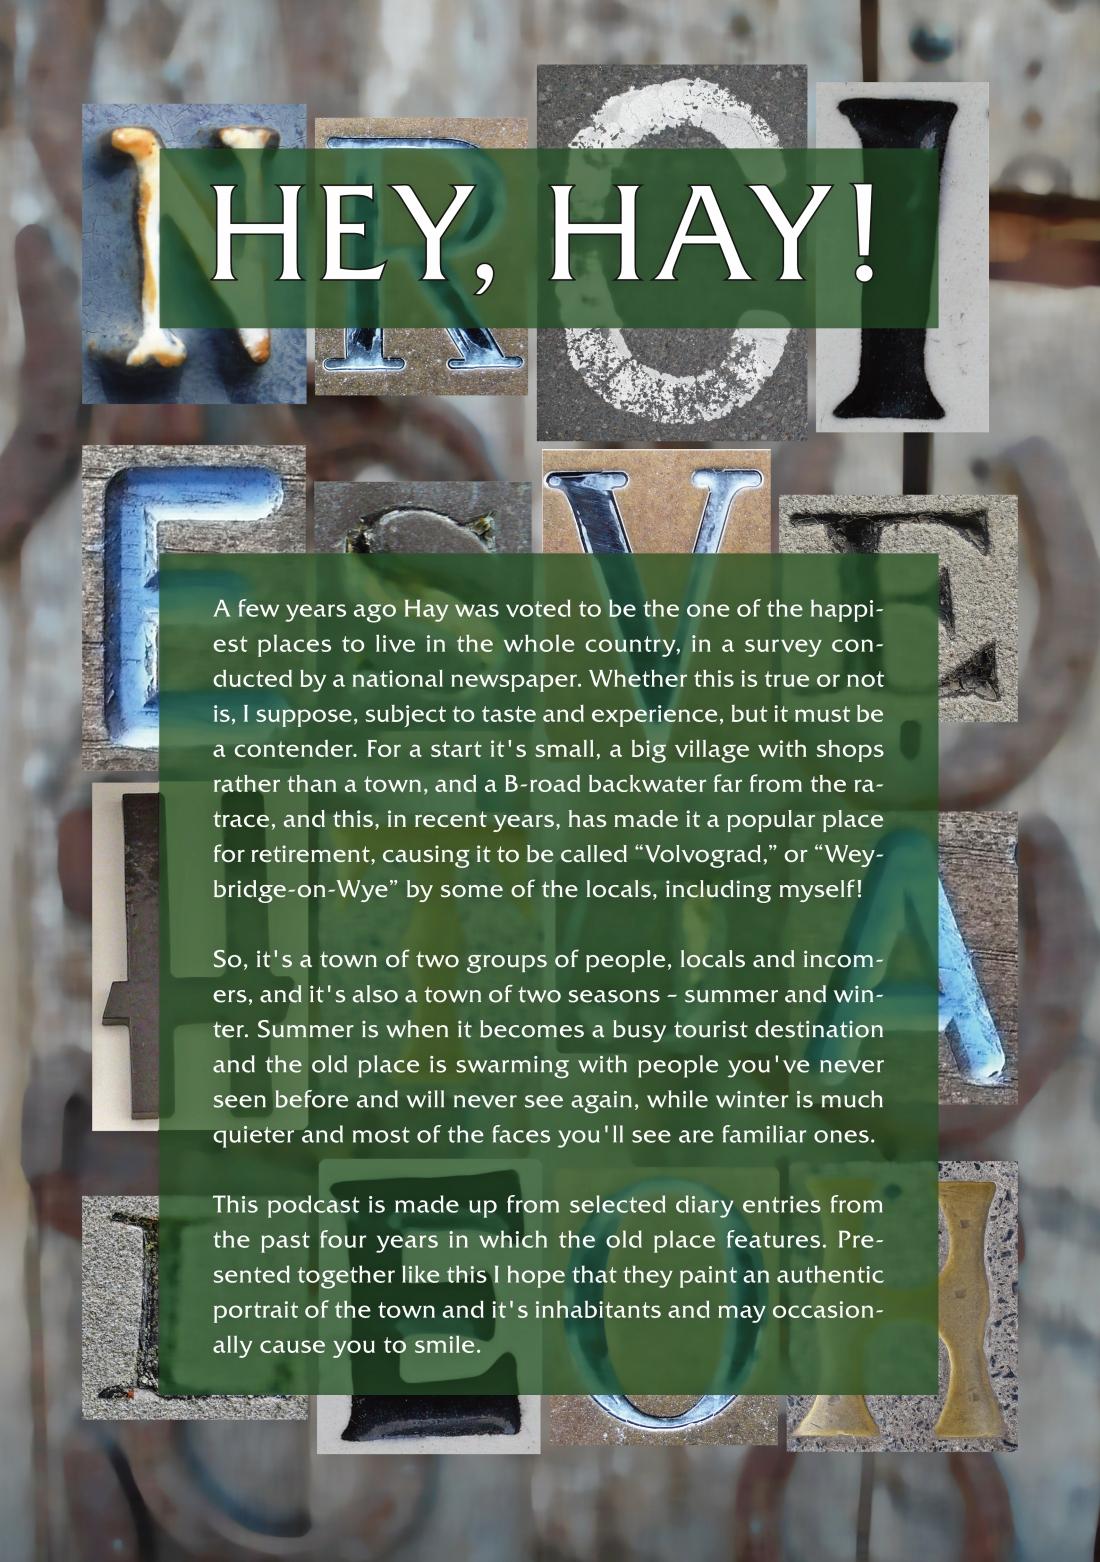 HEY, HAY!_Page 1 copy